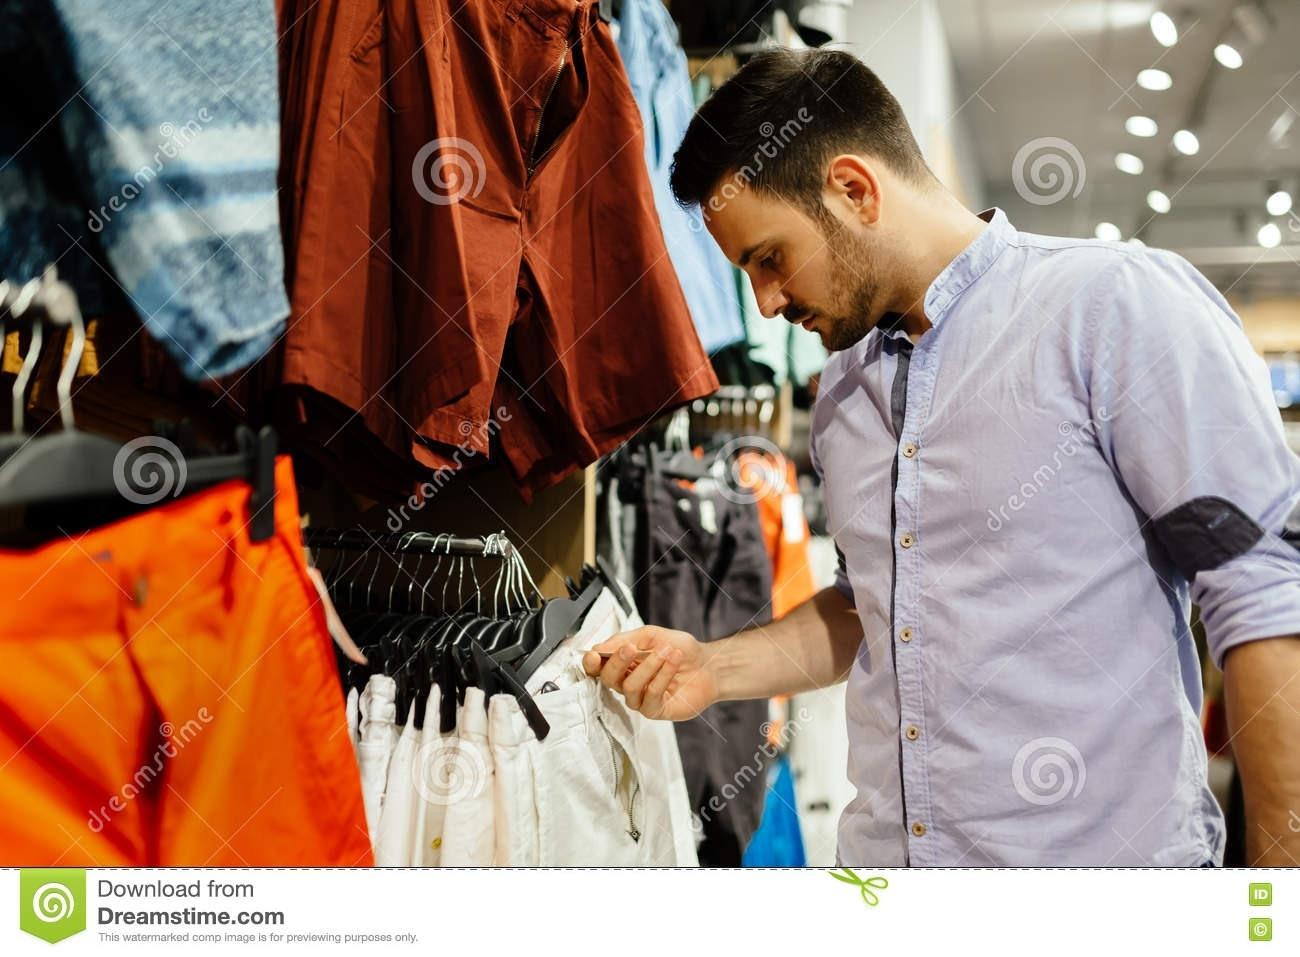 10 Genial Einkaufen Kleidung Galerie17 Schön Einkaufen Kleidung Galerie